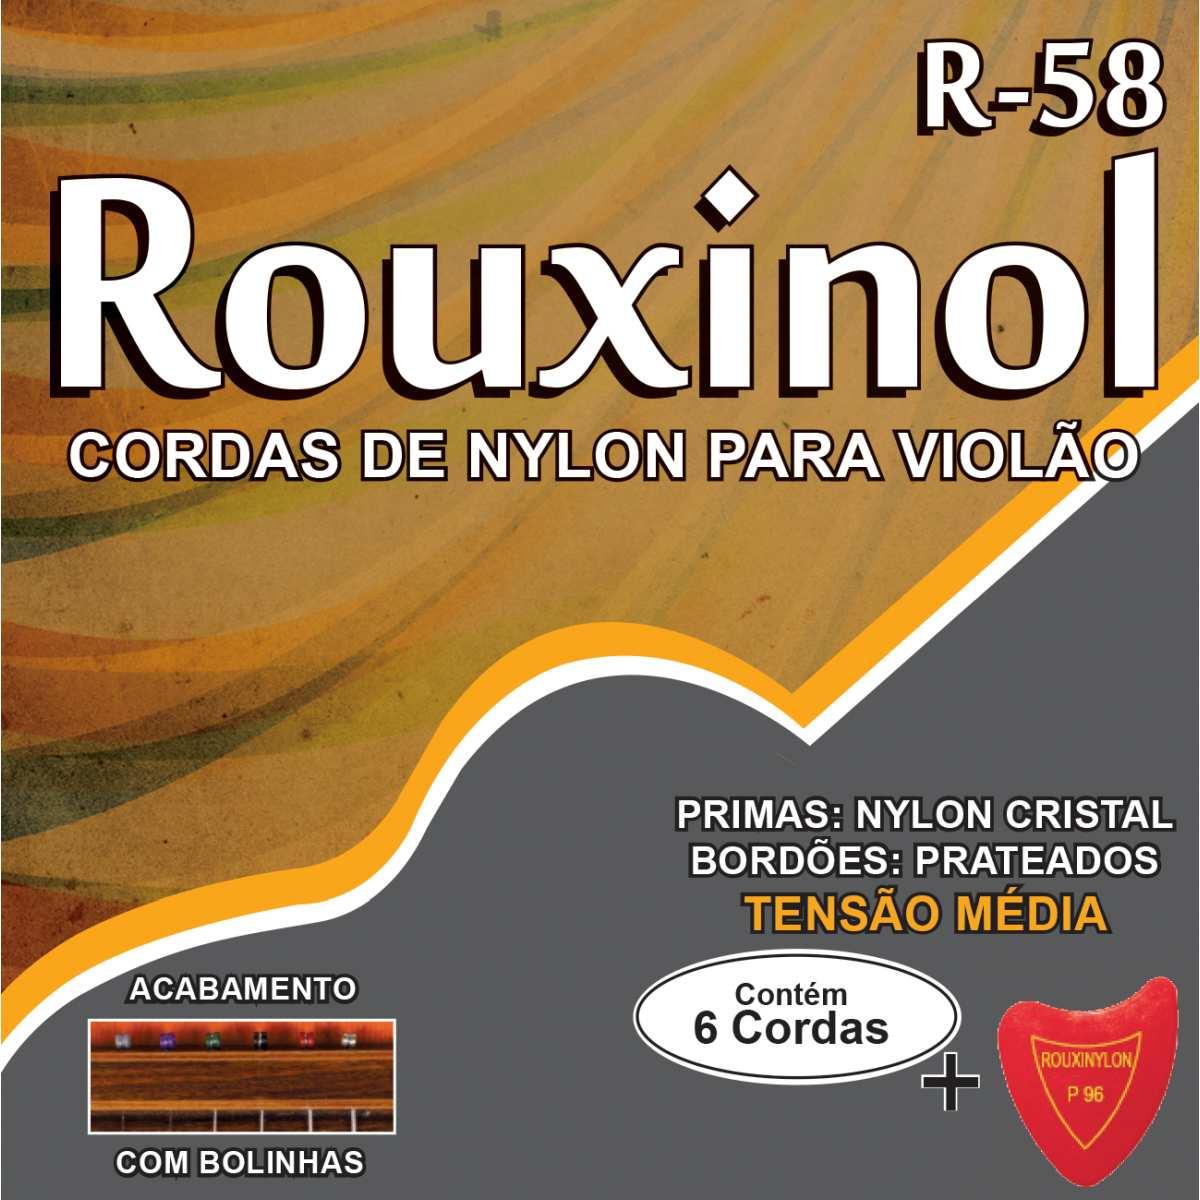 Encordoamento - P/Violao Nylon CR/Prat.C/Bolin - Rouxinol